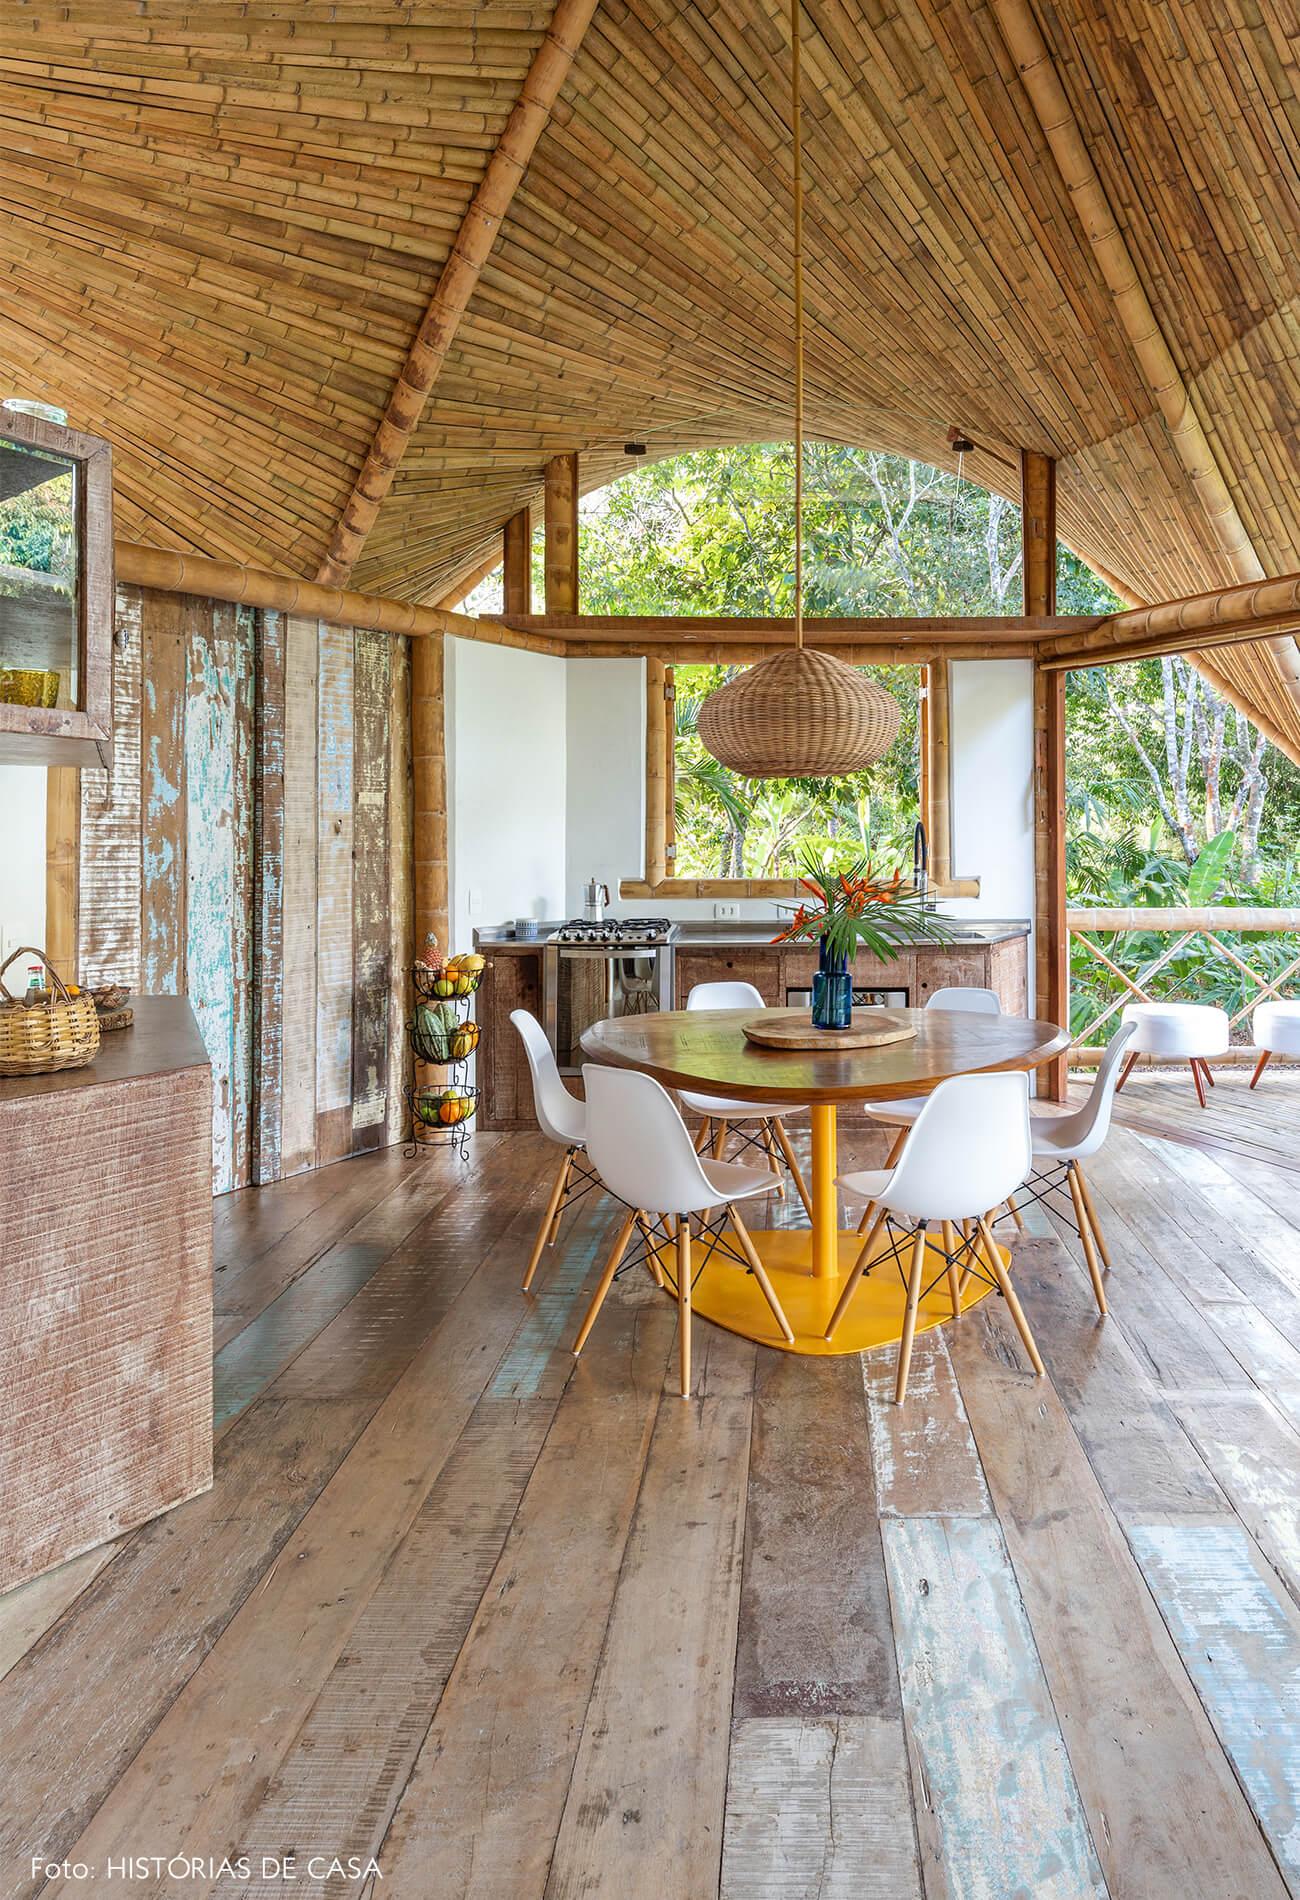 trancoso-vilasete-hotel-decoracao-50-sala-jantar-mesa-madeira-amarela-cadeira-eames-branca-cesto-luminaria-palha-teto-bambu